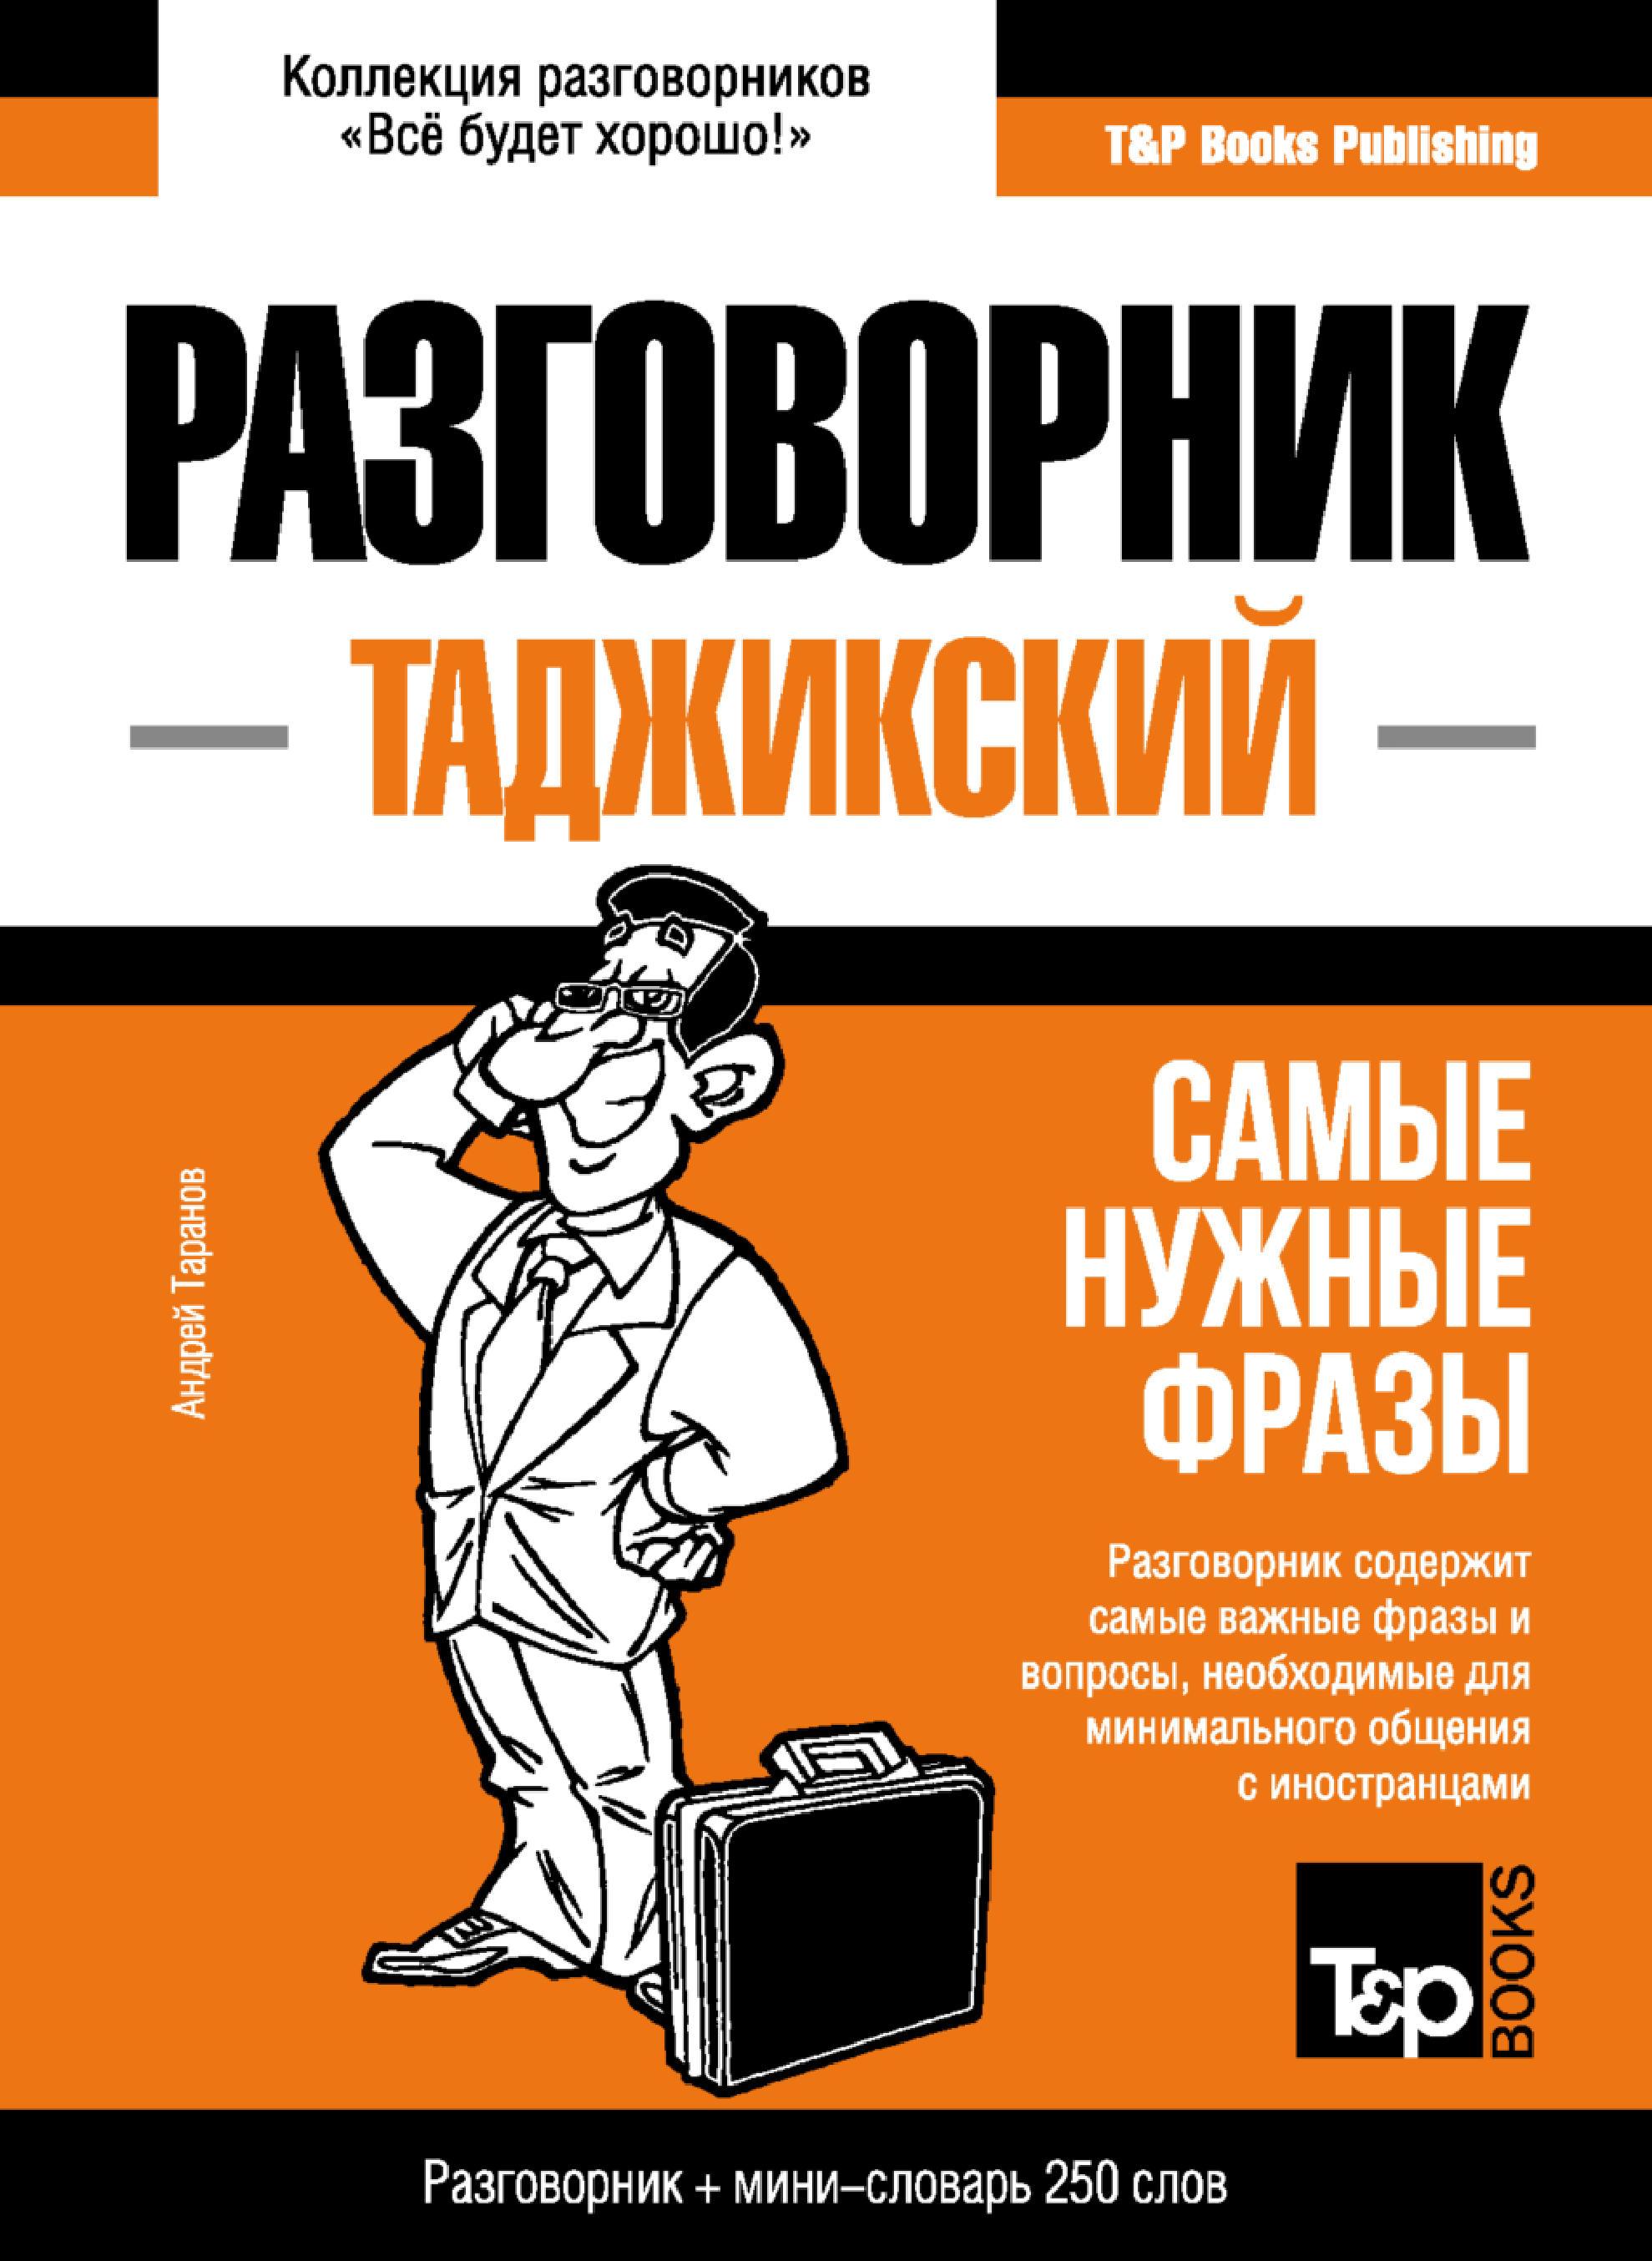 Таджикский разговорник и мини-словарь